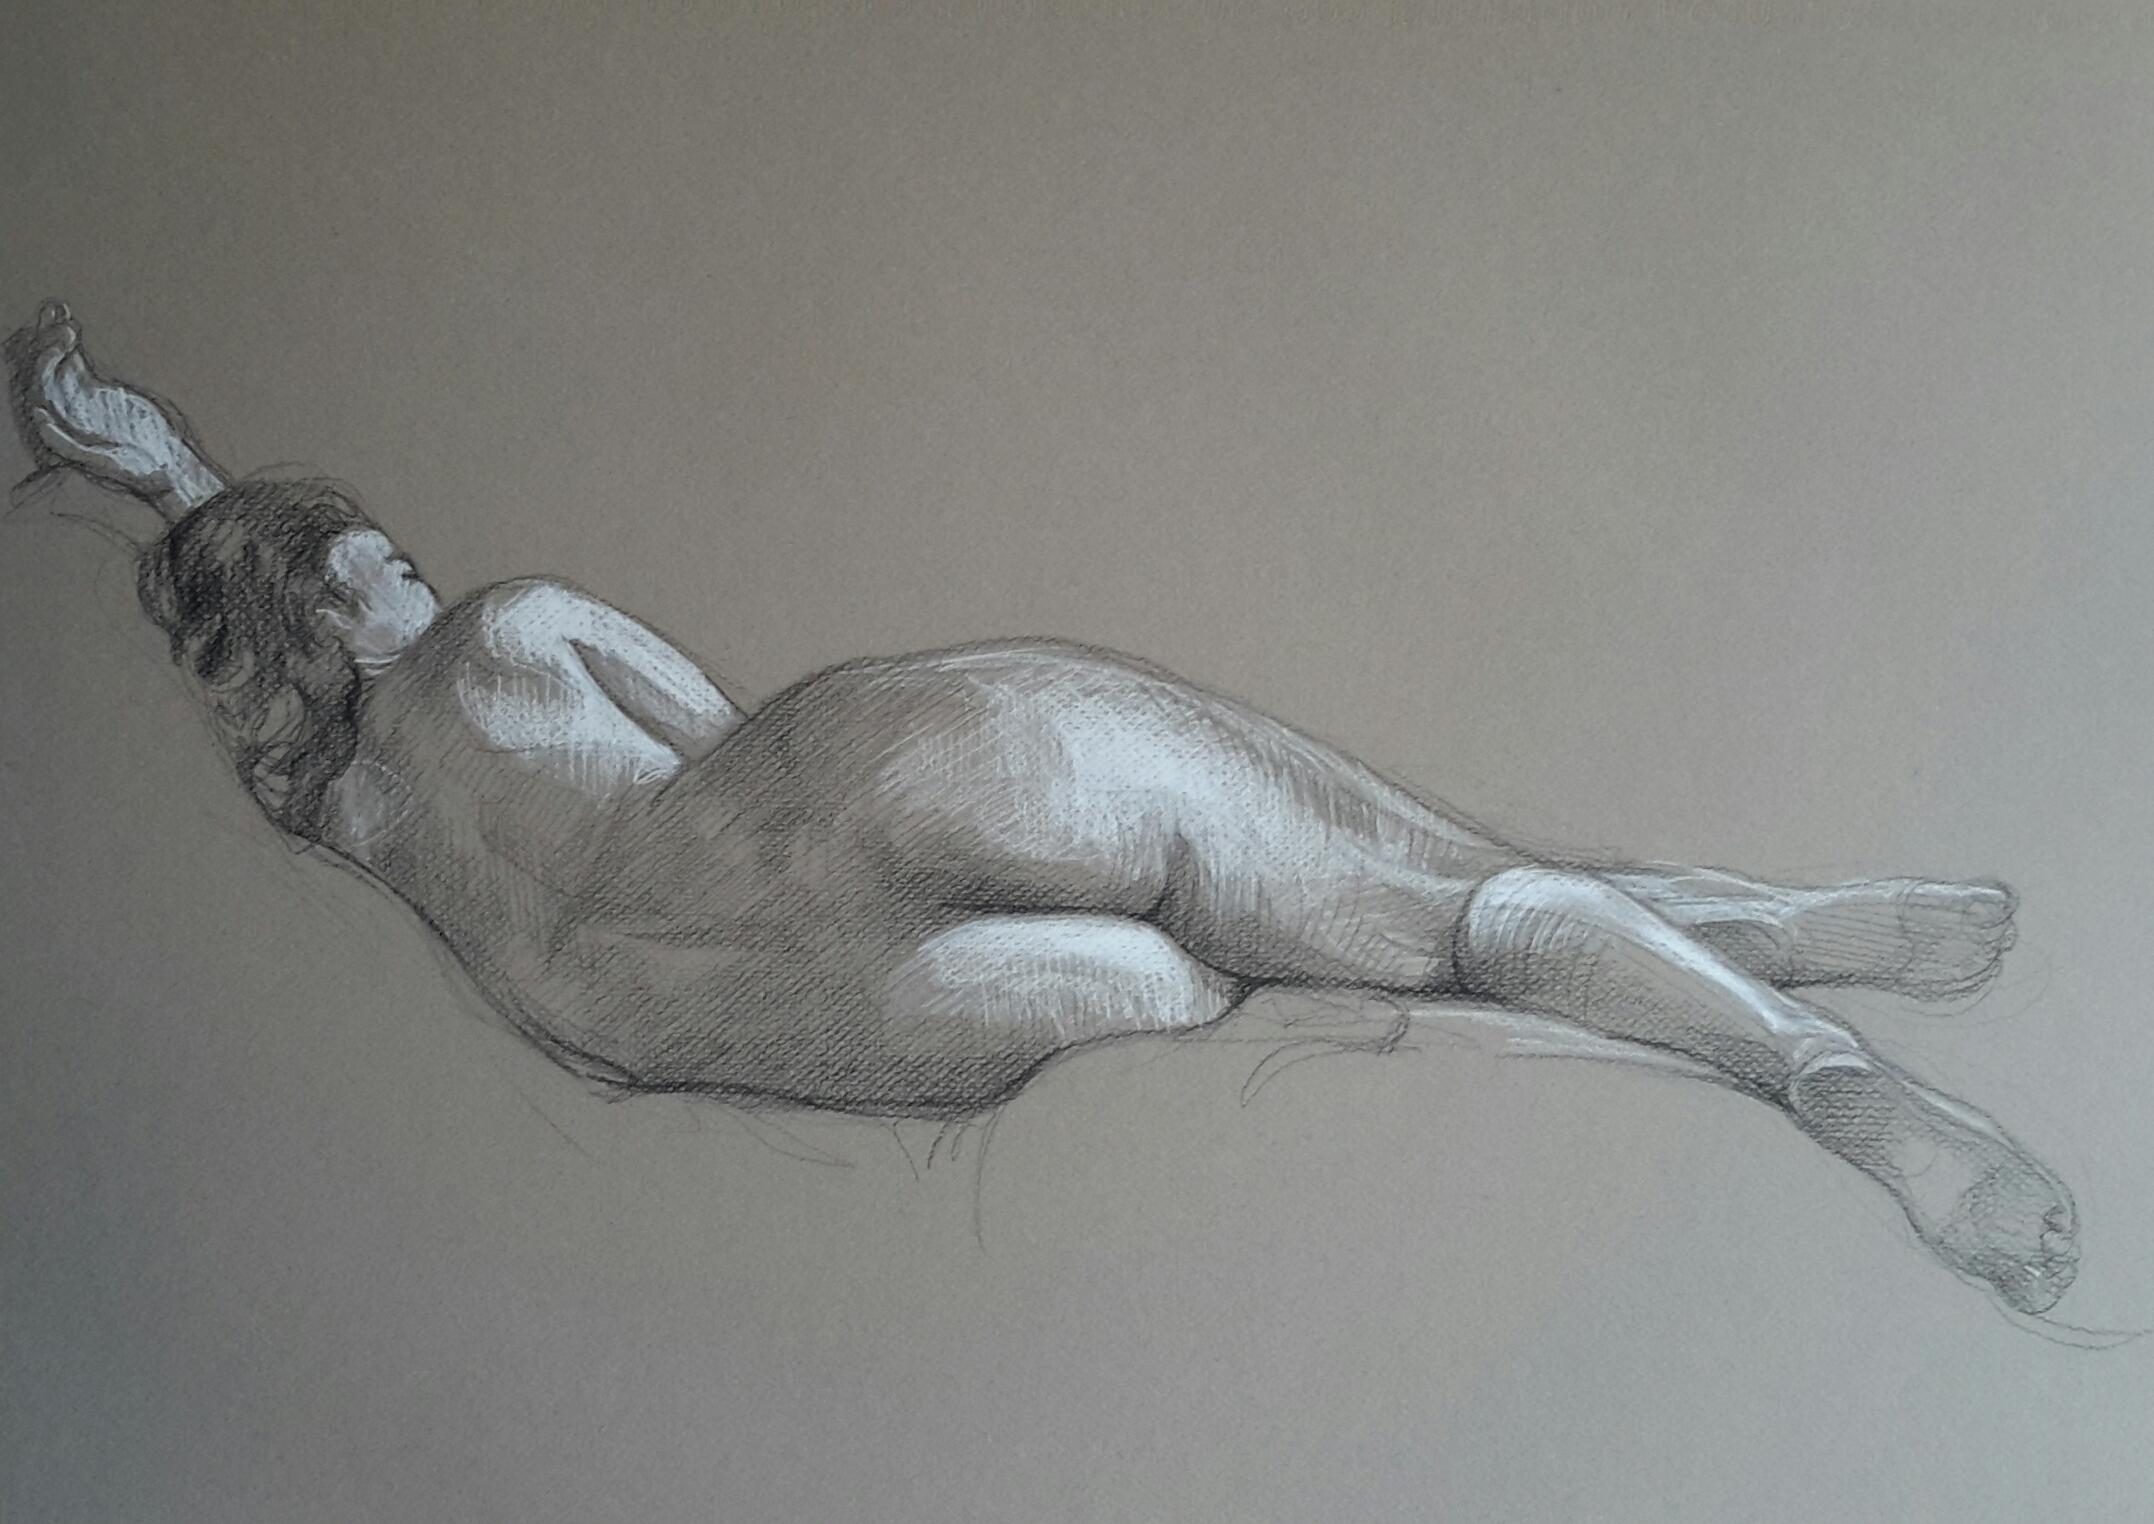 Modèle vivant 18 : pierre noire et crayon blanc